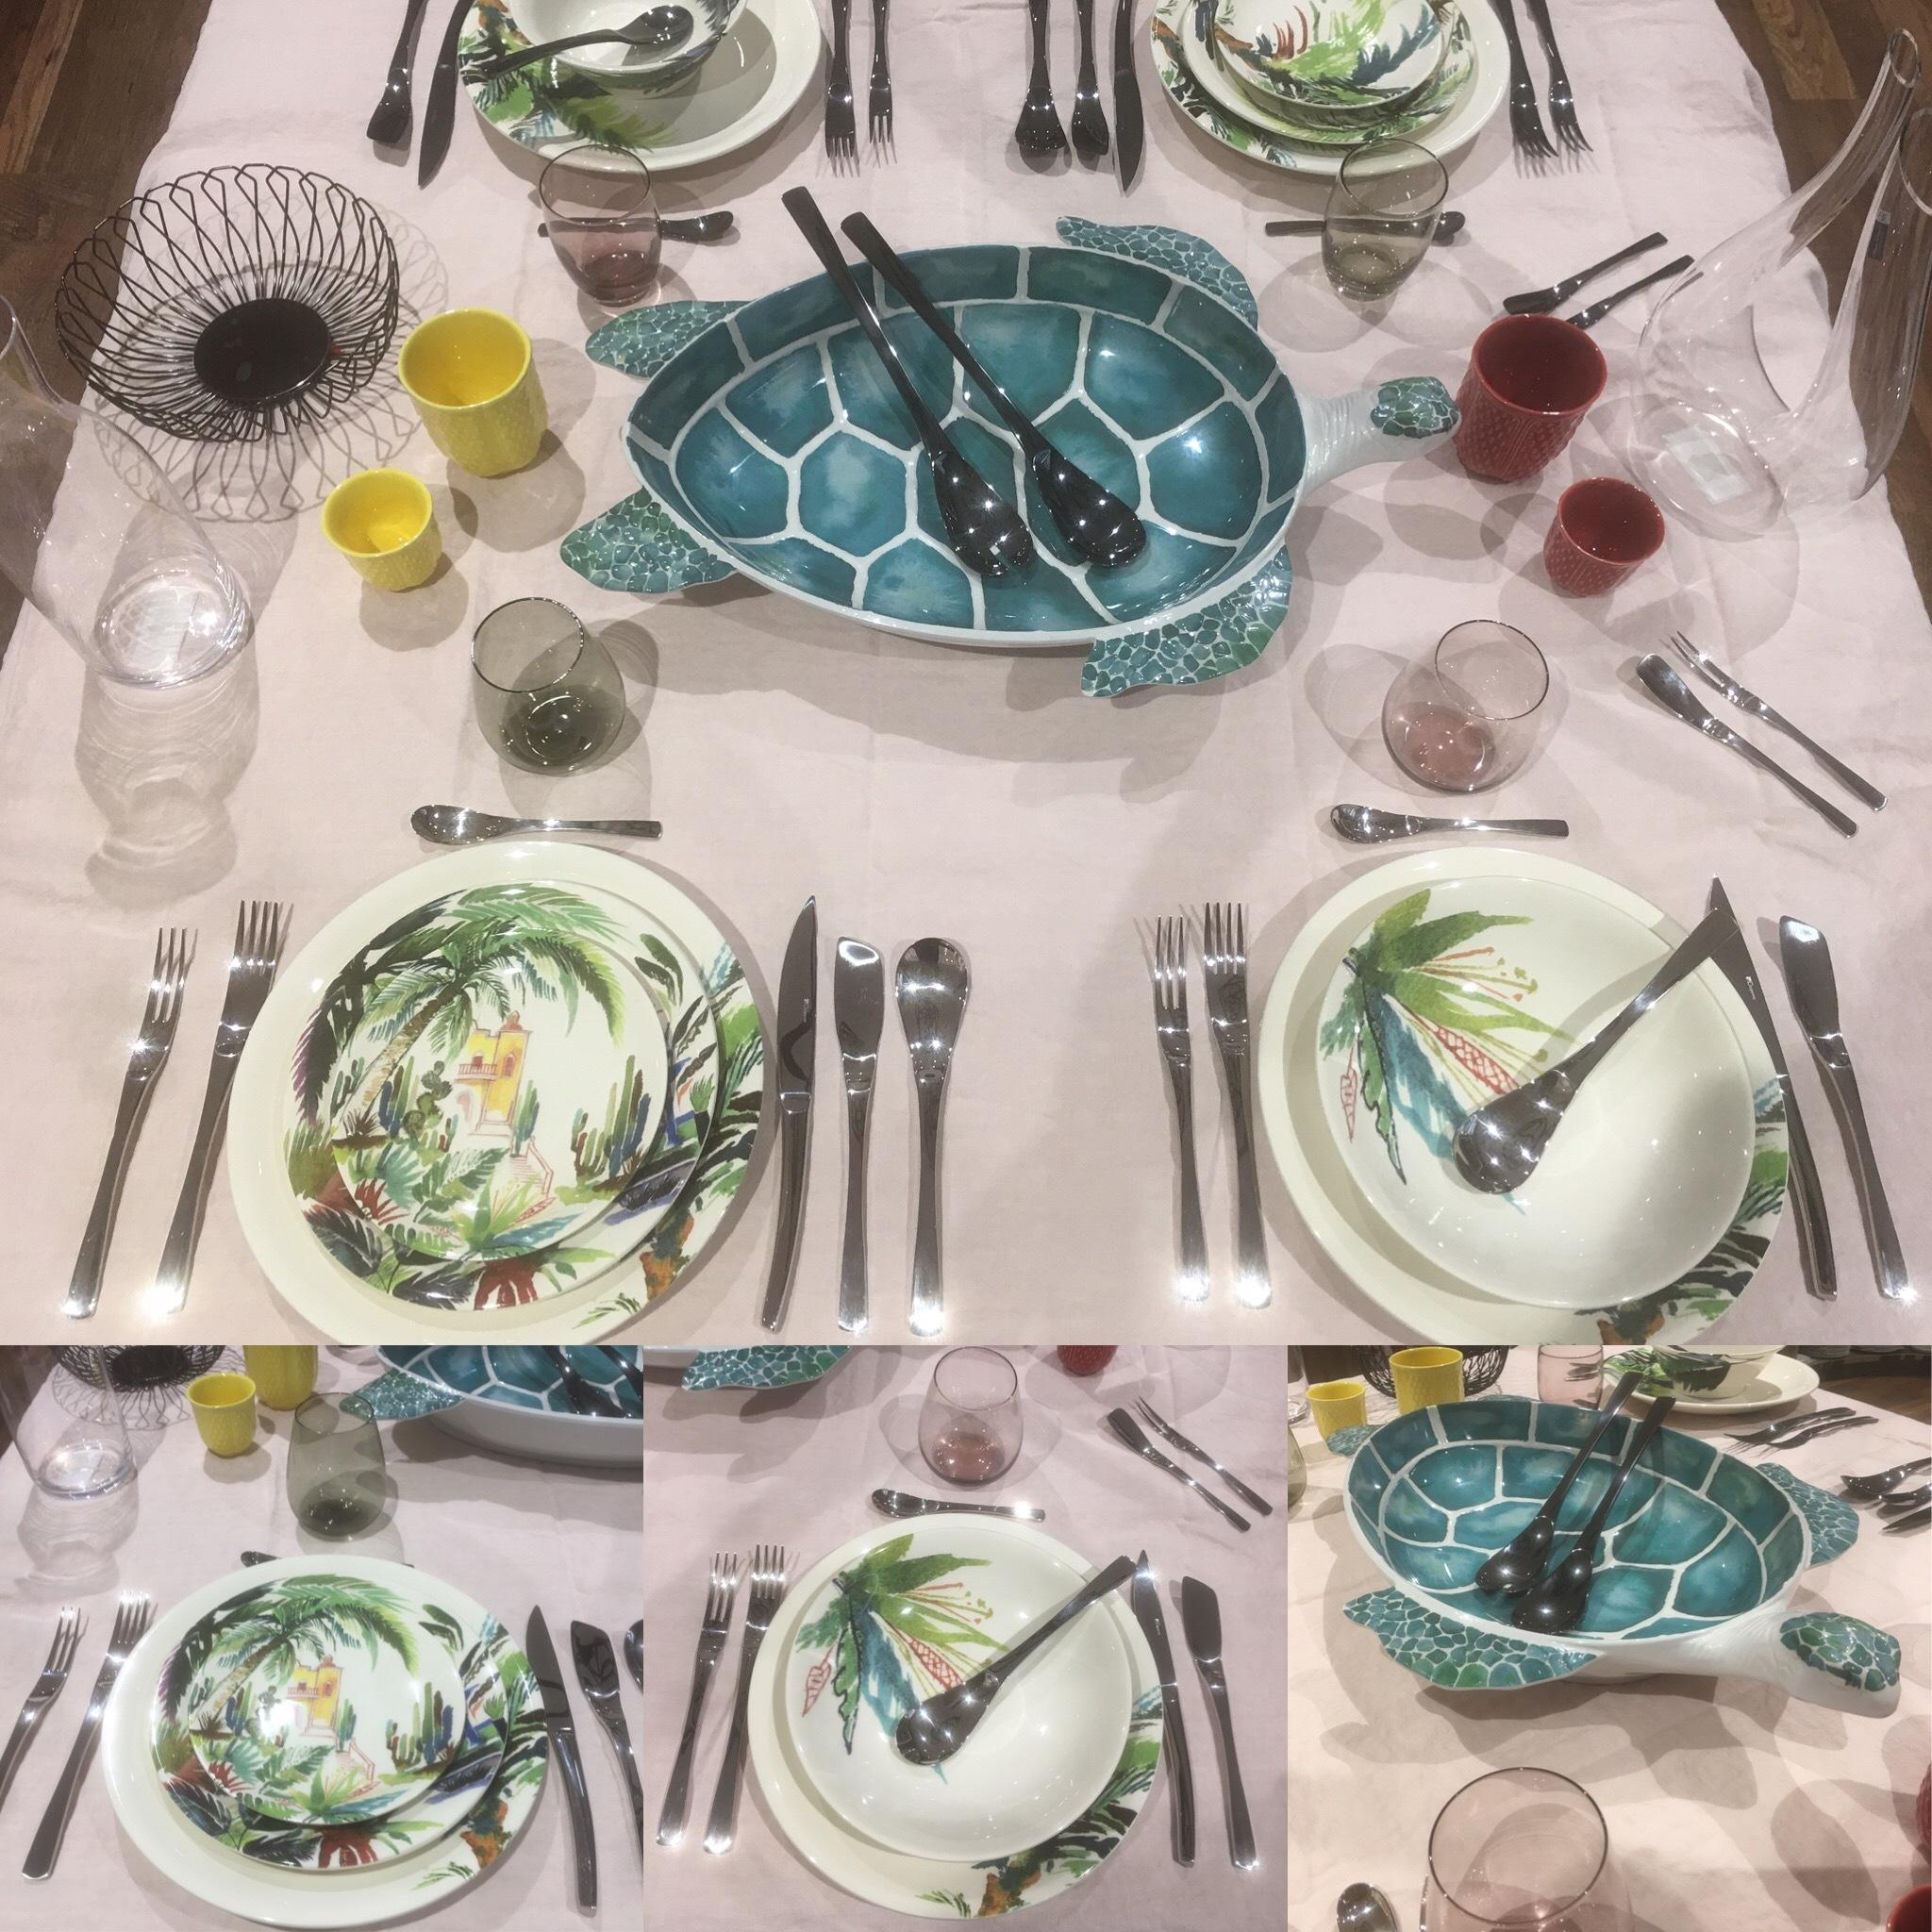 Galerie d'image - Les sens de la table